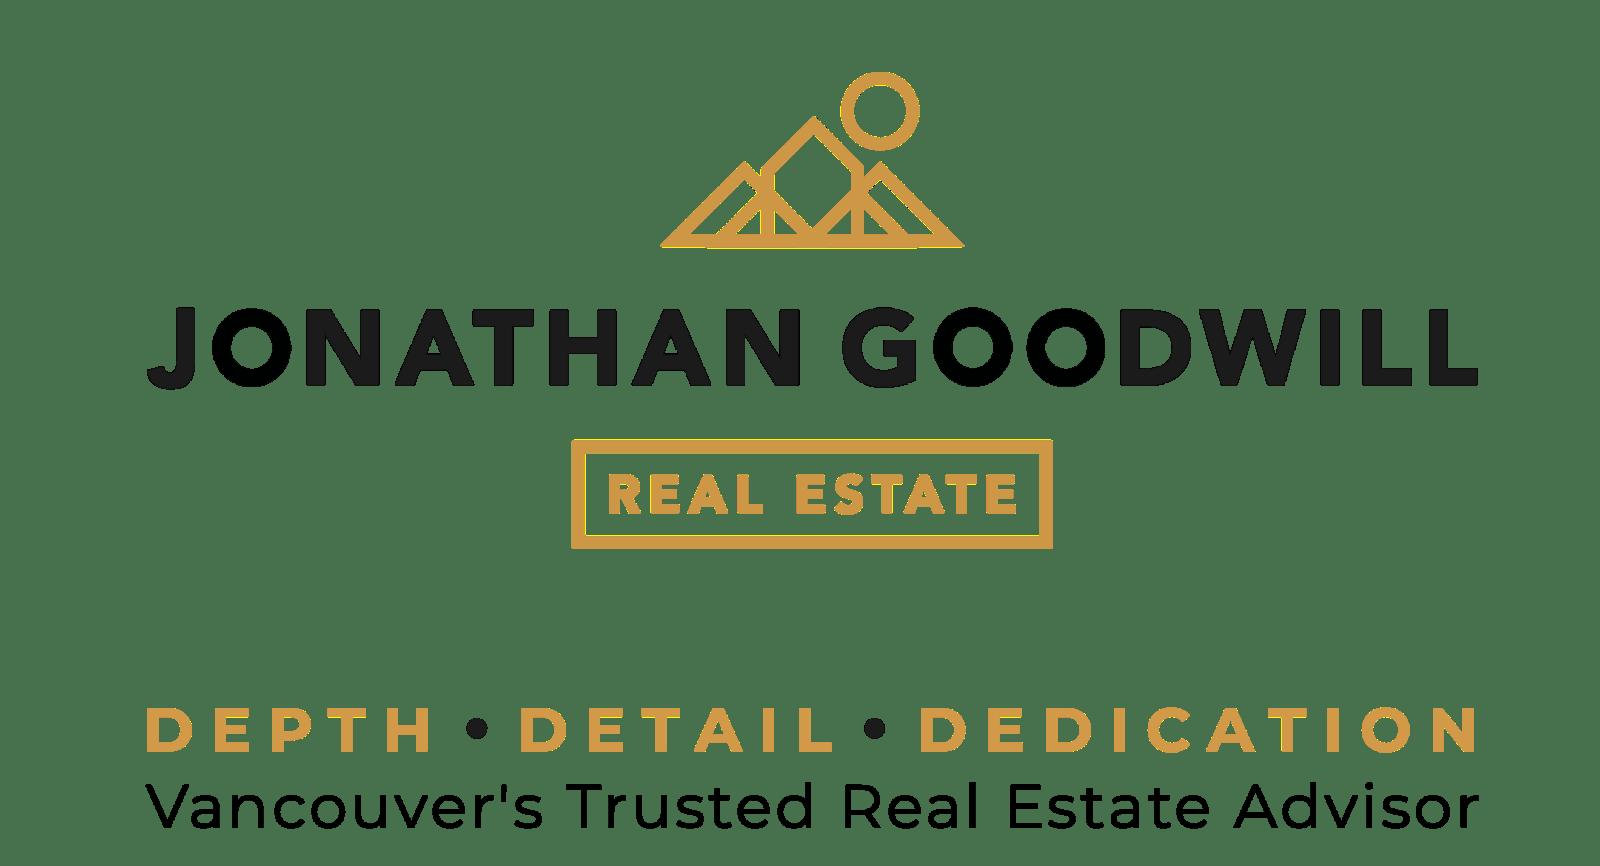 Jonathan Goodwill